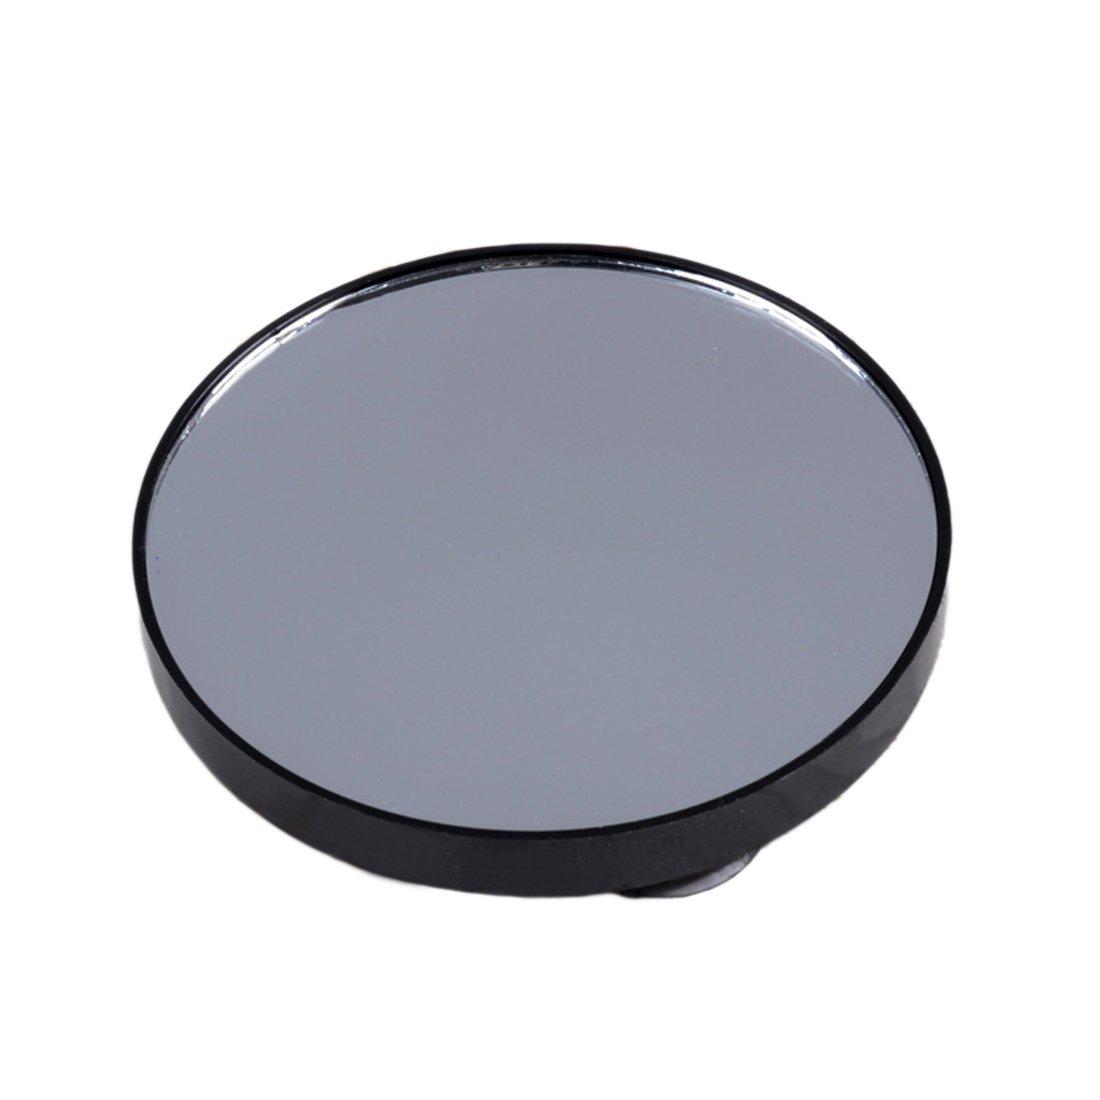 Miroir grossissant rond de miroir grossissant de maquillage de cosmétiques avec des outils de deux ventouses YOGINGO